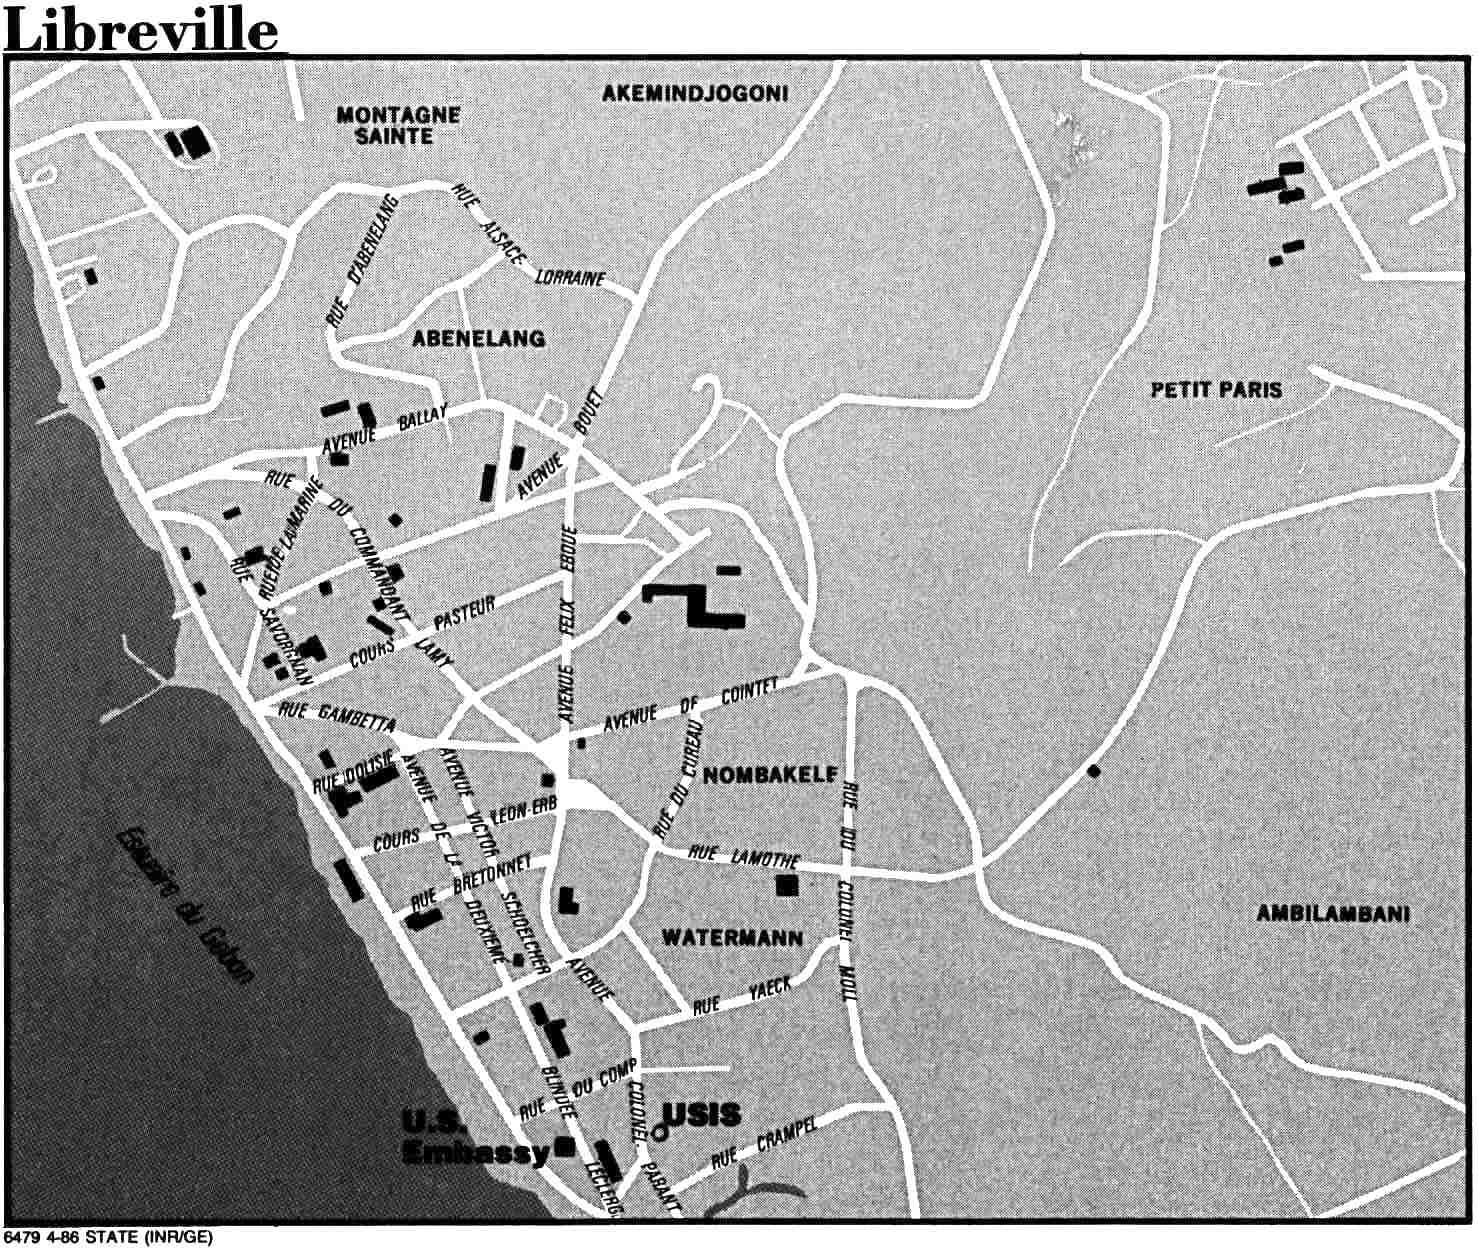 Mapa de la Ciudad de Libreville, Gabón